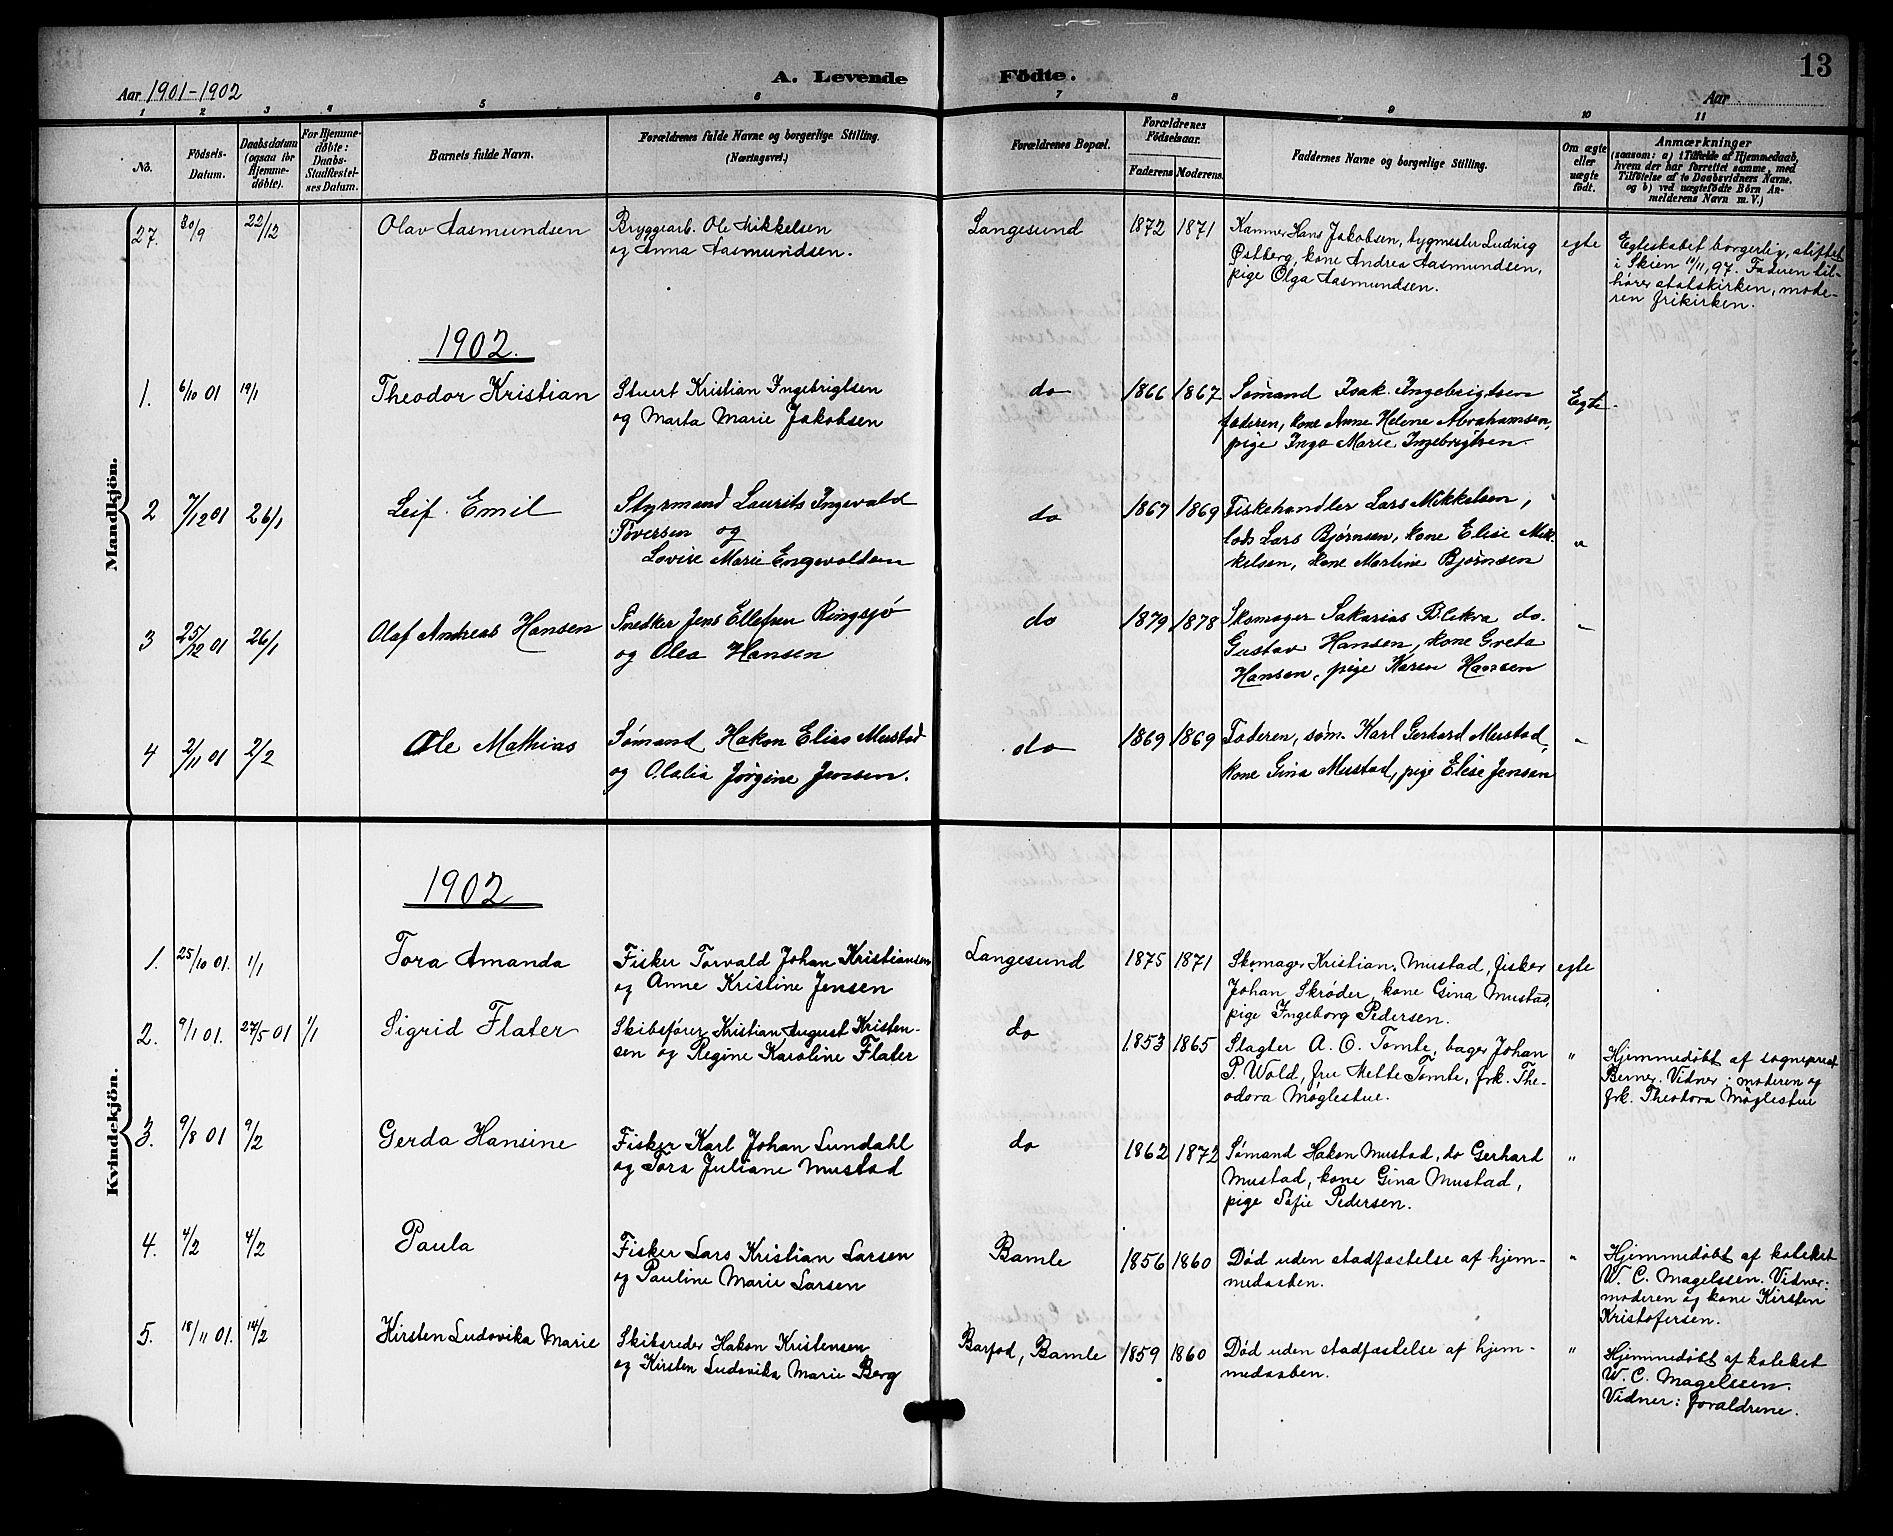 SAKO, Langesund kirkebøker, G/Ga/L0006: Klokkerbok nr. 6, 1899-1918, s. 13